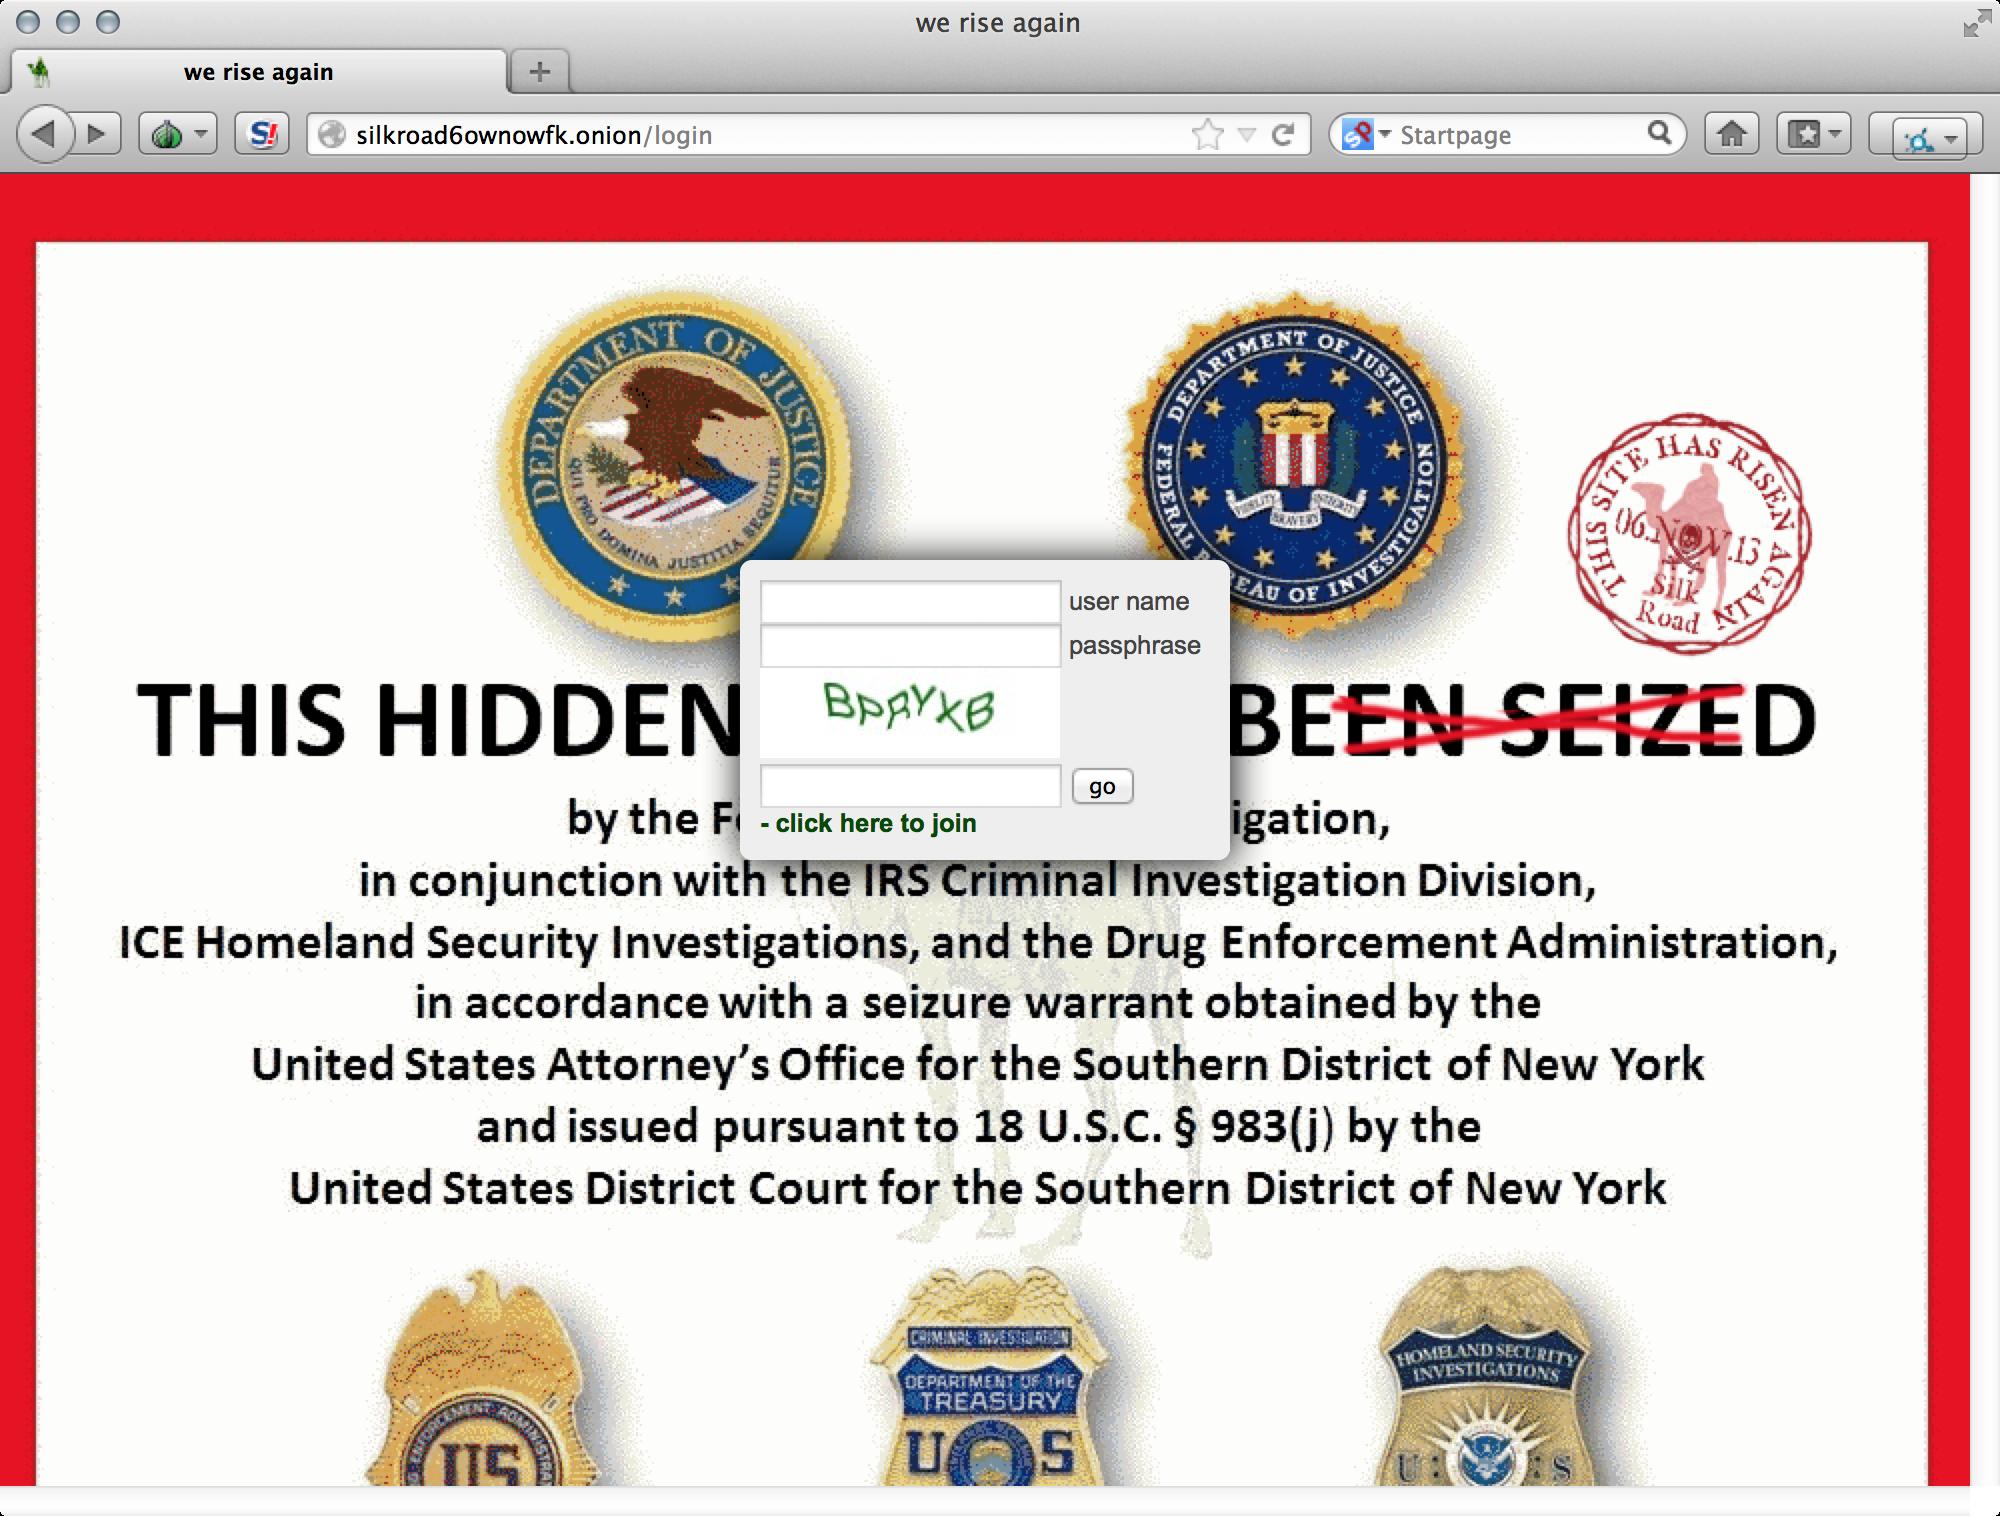 Новый SilkRoad встречает покупателей вот такой издёвкой над заглушкой, которую ФБР повесили вместо прежнего сайта.